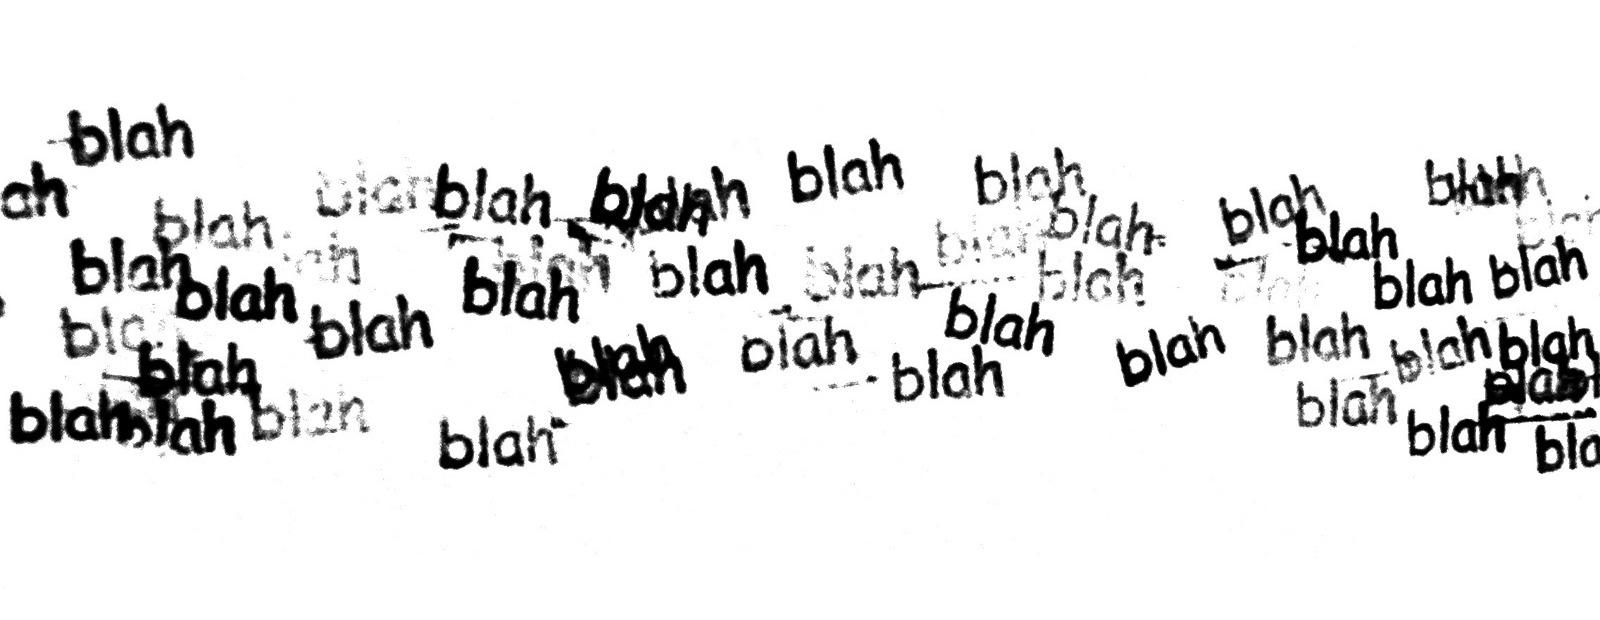 blah.im